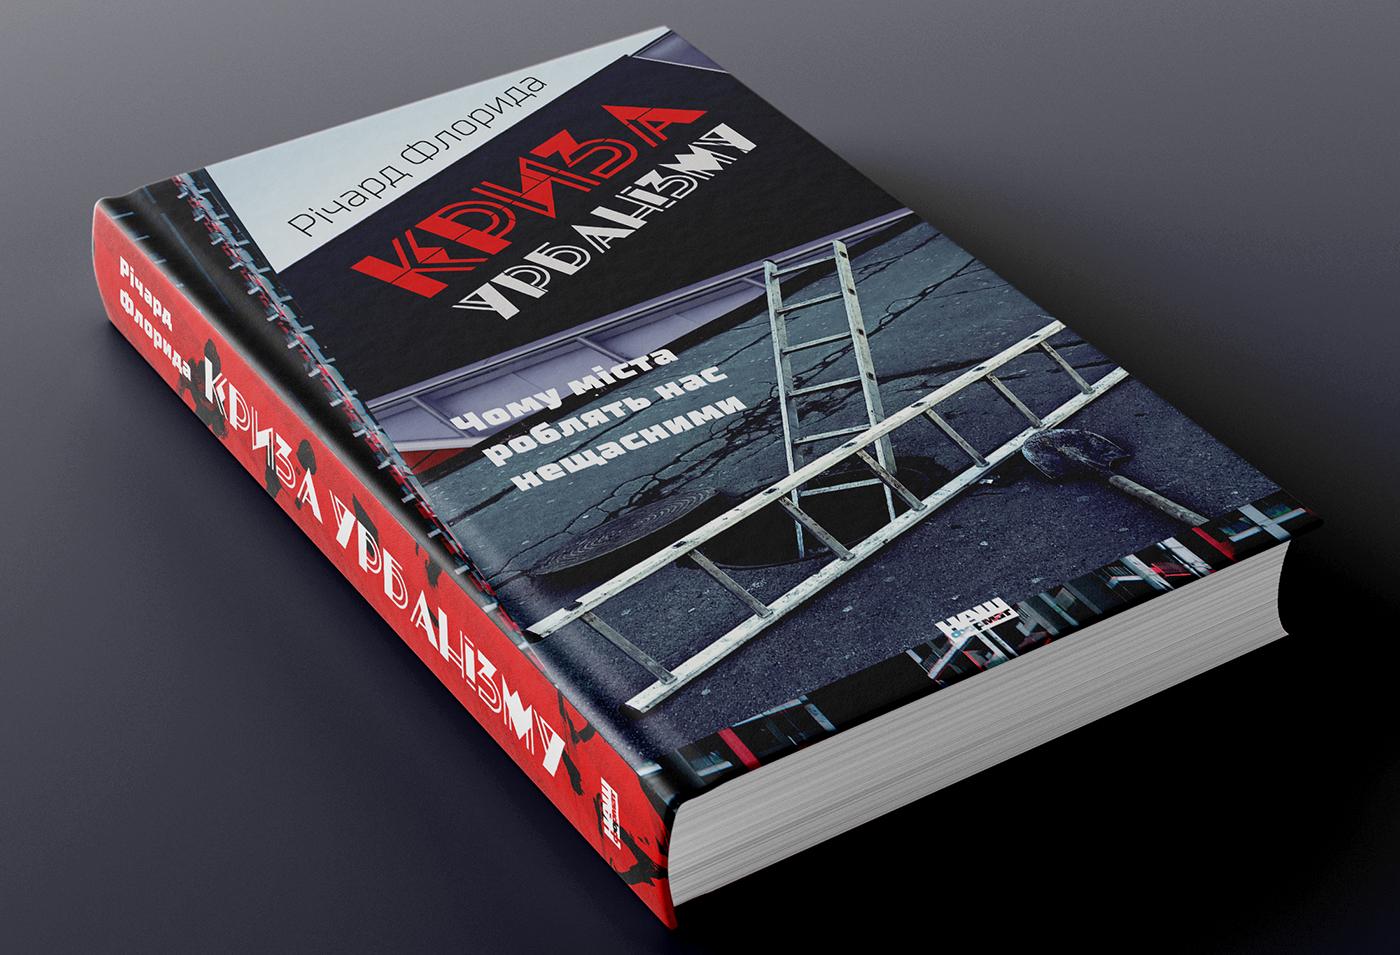 🚋 Уривок з книги «Криза урбанізму. Чому міста роблять нас нещасними» американського урбаніста Річарда Флориди